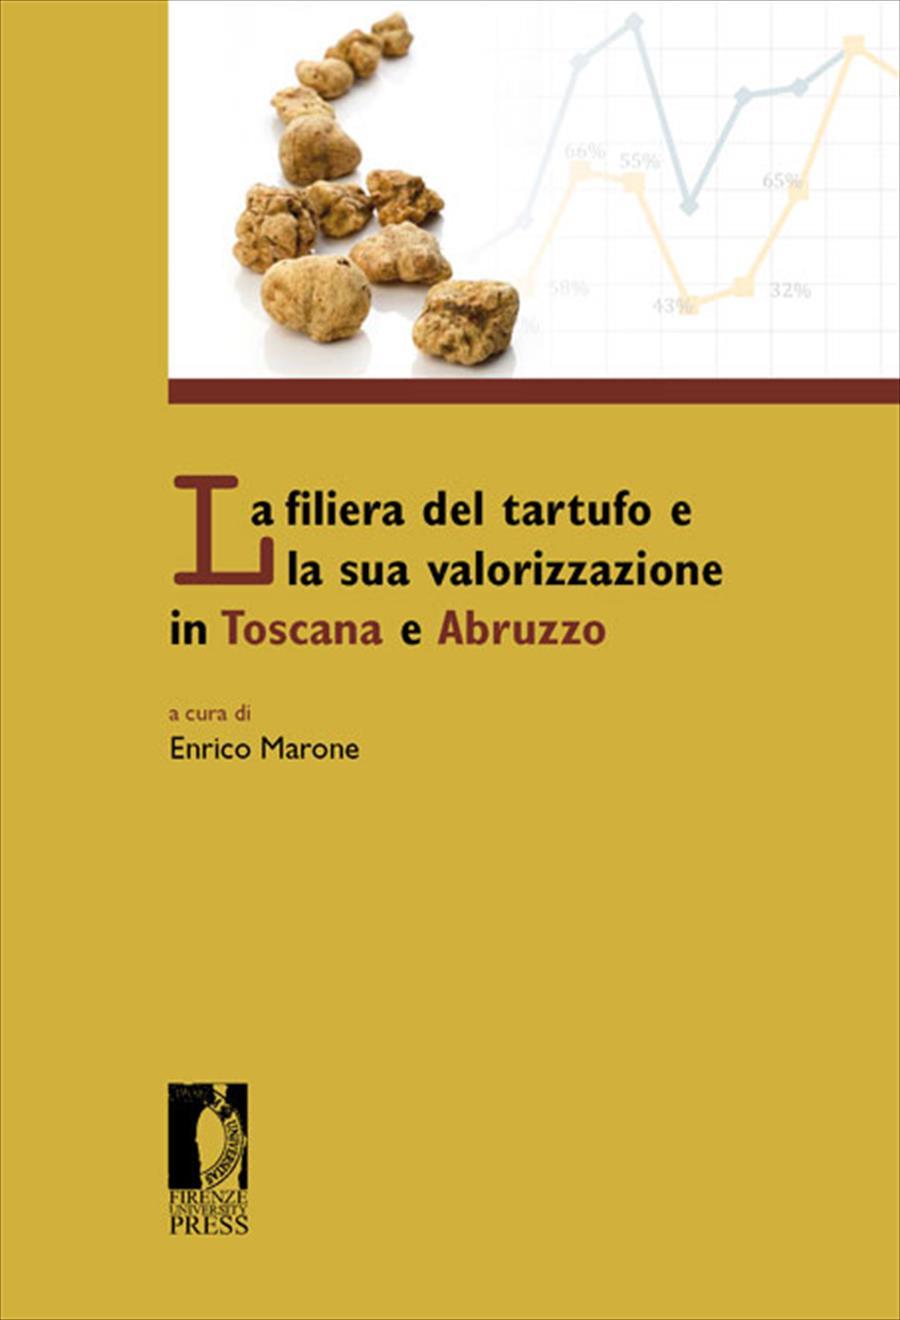 La filiera del tartufo e la sua valorizzazione in Toscana e Abruzzo